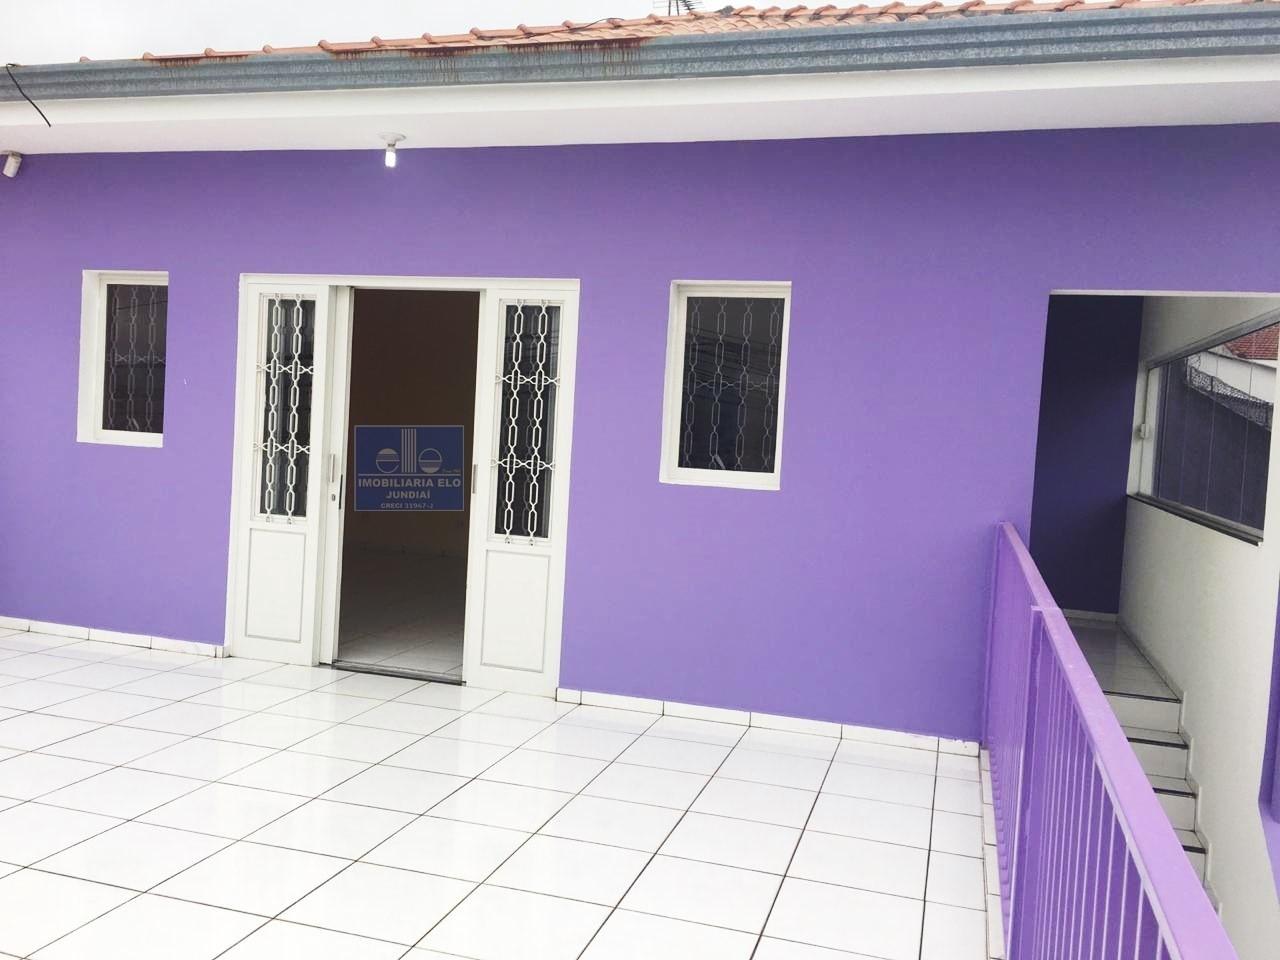 CASA COMERCIAL EM JUNDIAI - SP. VILA BANDEIRANTES